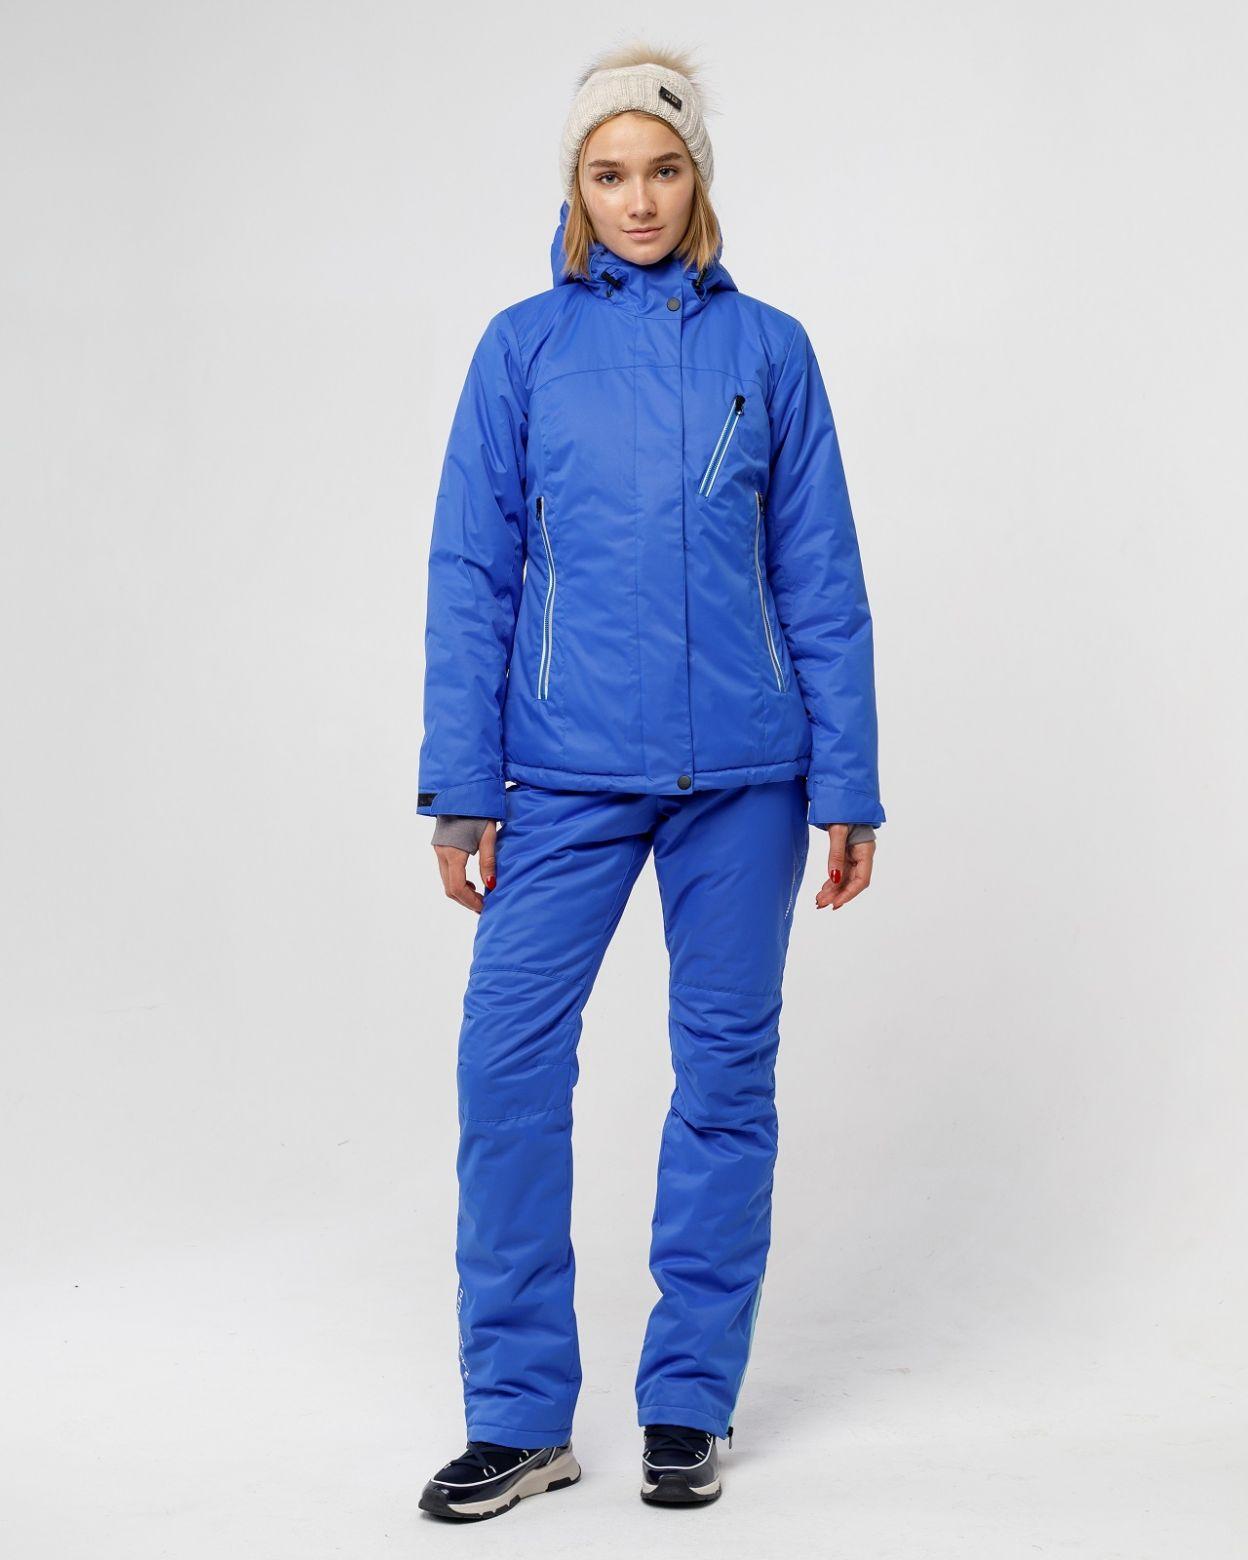 """Женский мембранный спортивный костюм выполнен из современного материала с плетением""""твил"""". Куртка имеет несъемный капюшон с резиновой утяжкой и фиксаторами, также капюшон имеет небольшой козырек. В куртке использовано водоотталкивающая молния, к"""